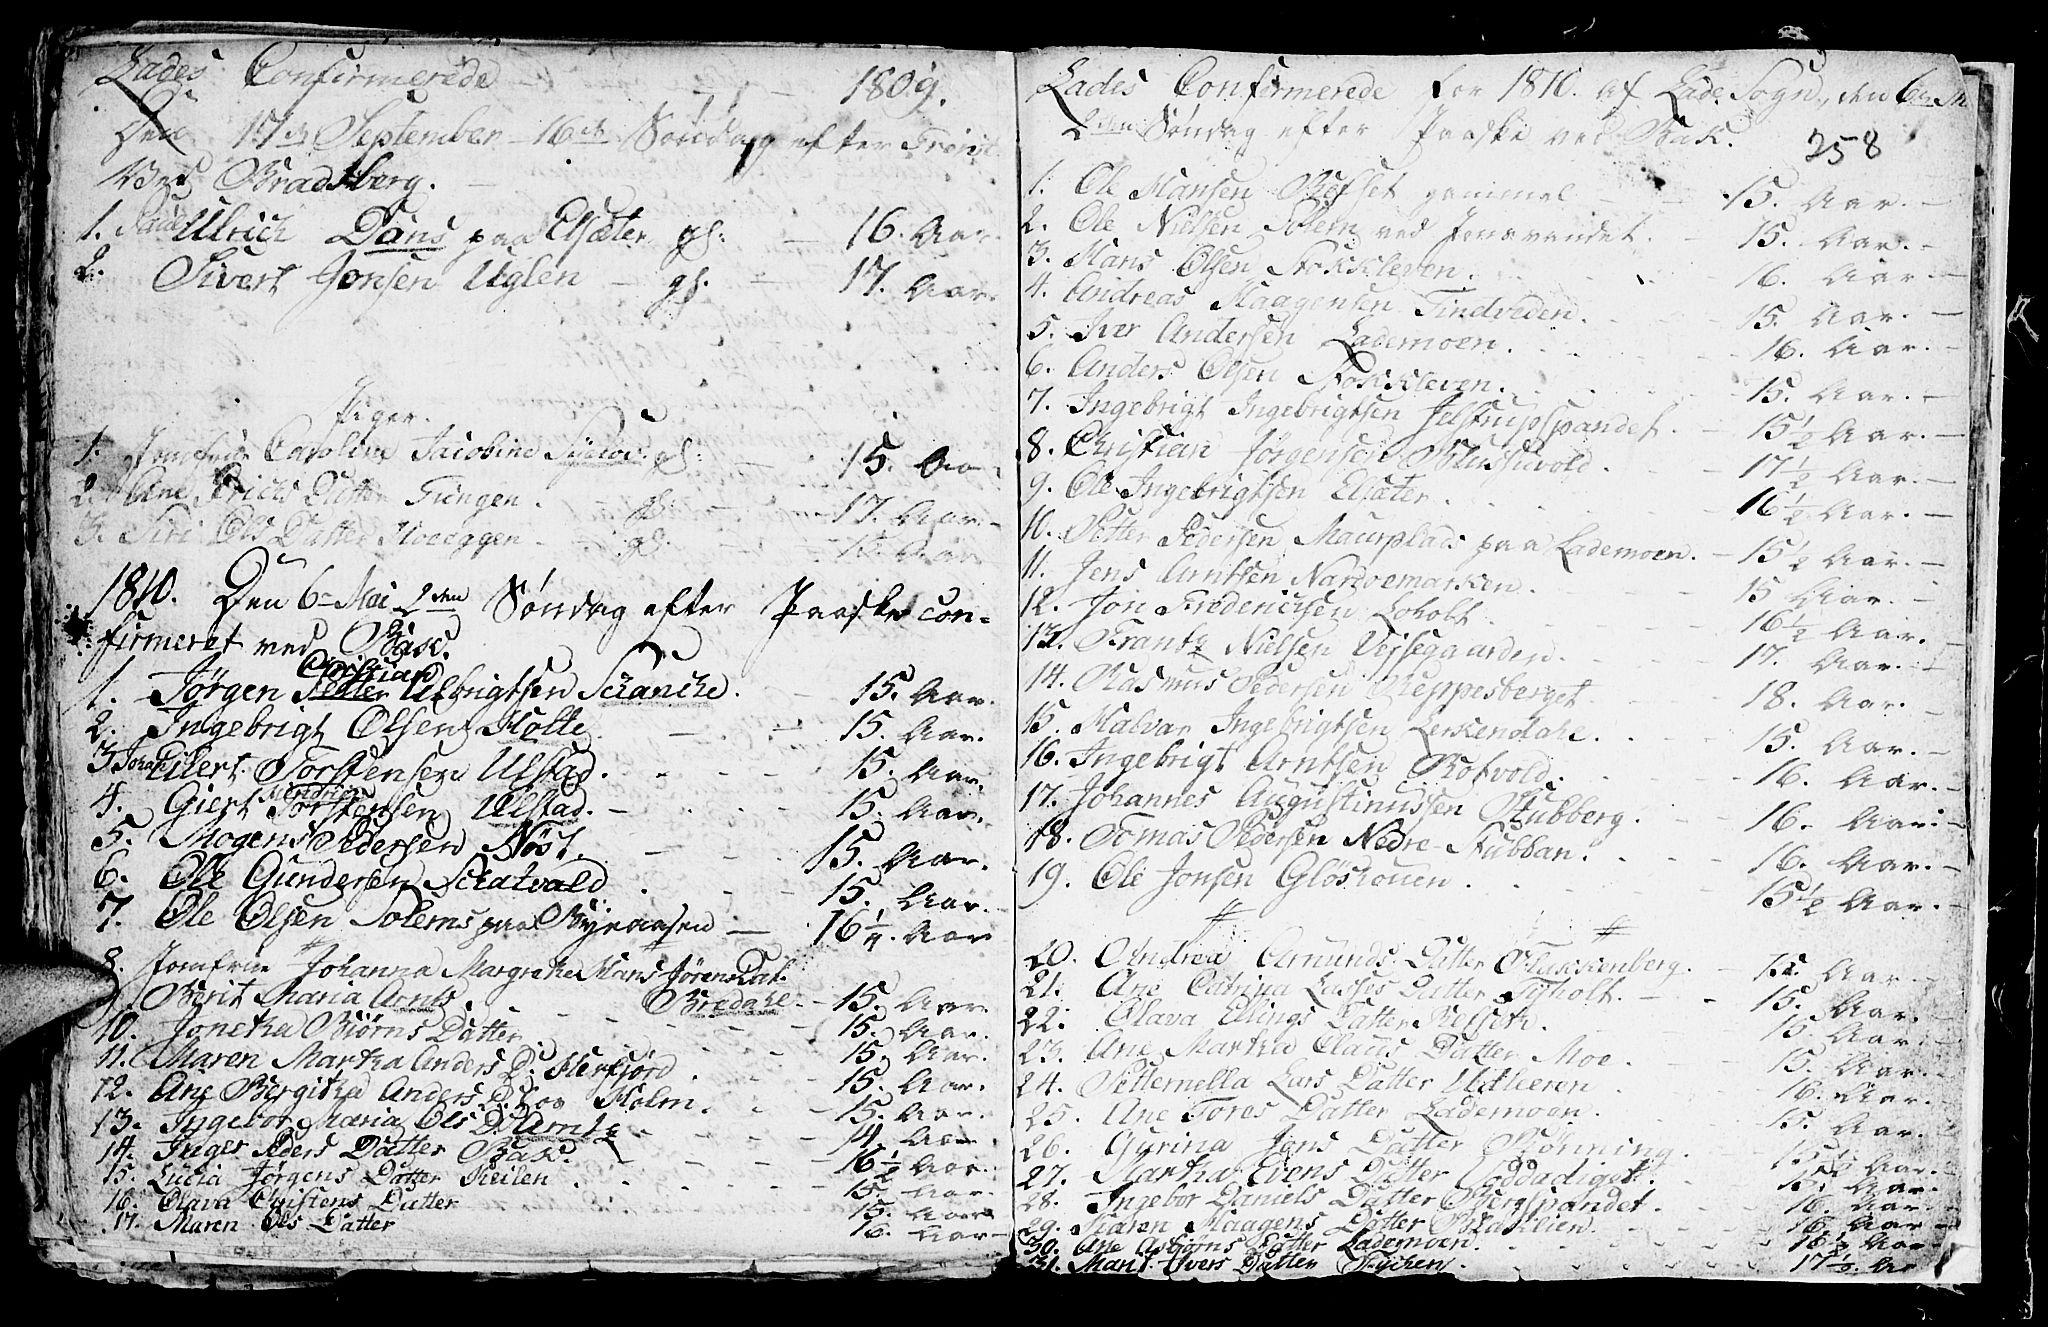 SAT, Ministerialprotokoller, klokkerbøker og fødselsregistre - Sør-Trøndelag, 604/L0218: Klokkerbok nr. 604C01, 1754-1819, s. 258